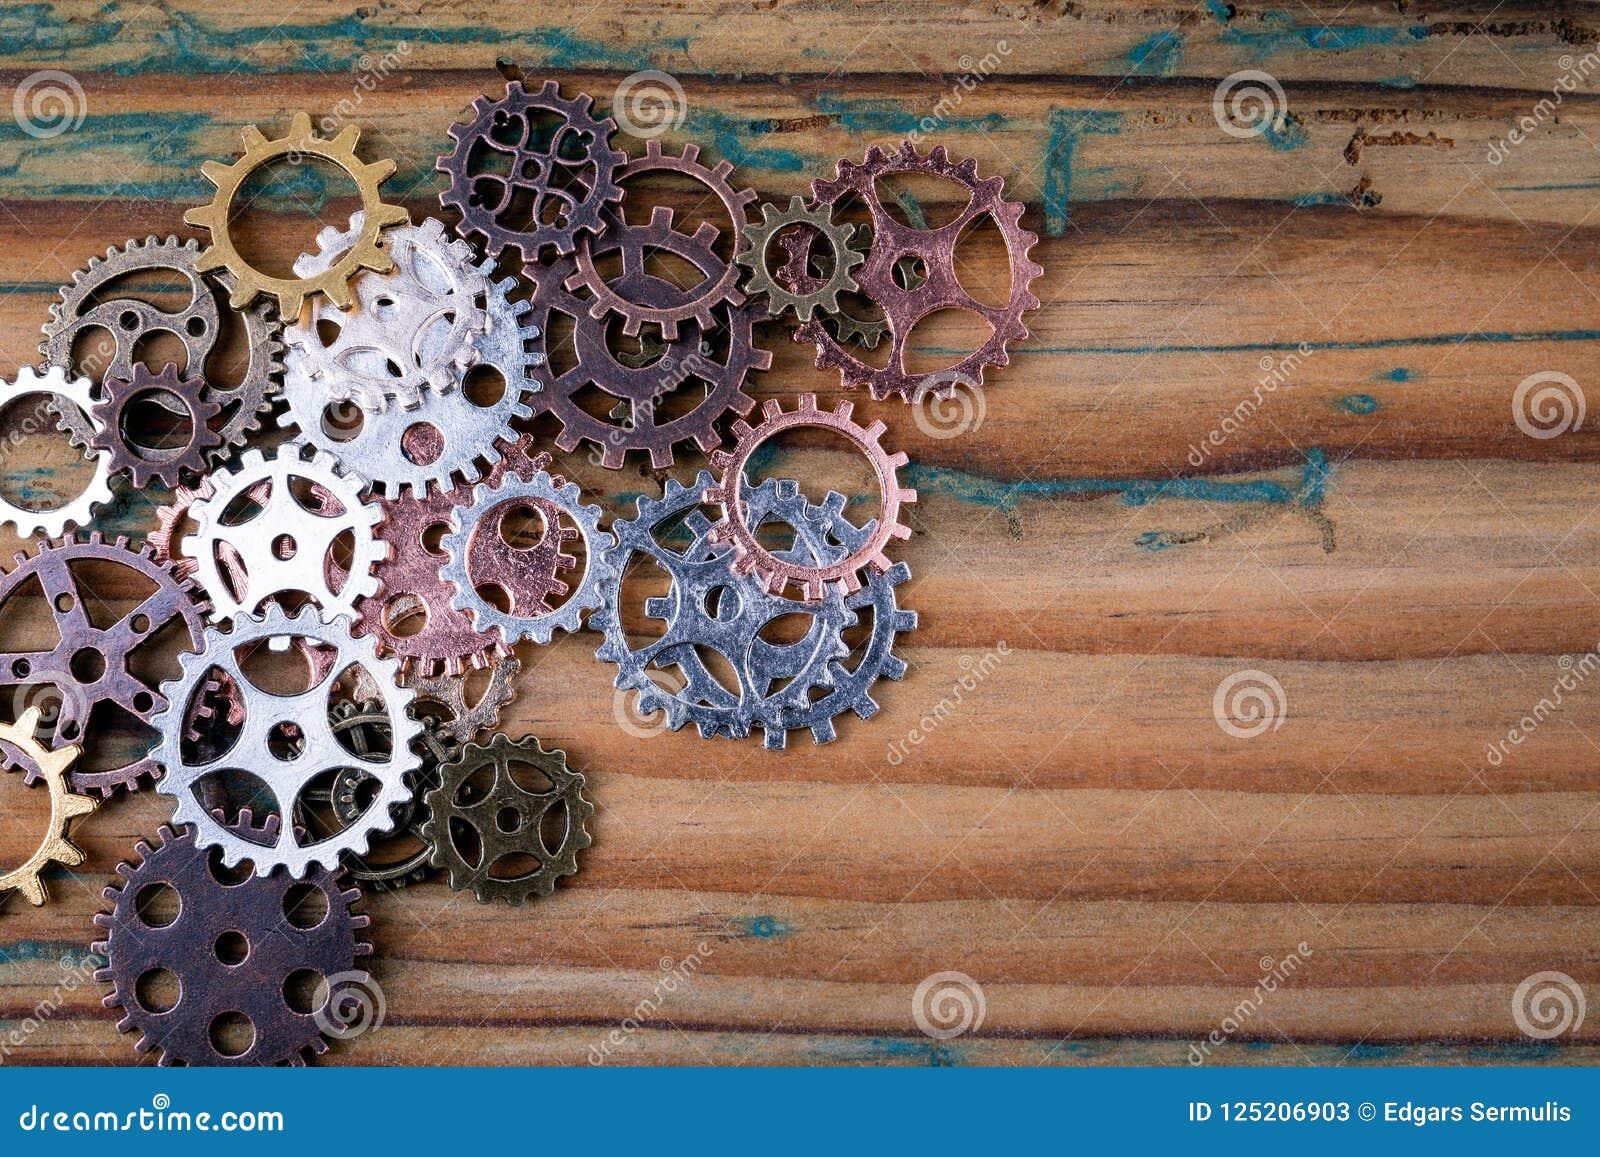 Шестерни в различных размерах и цветах